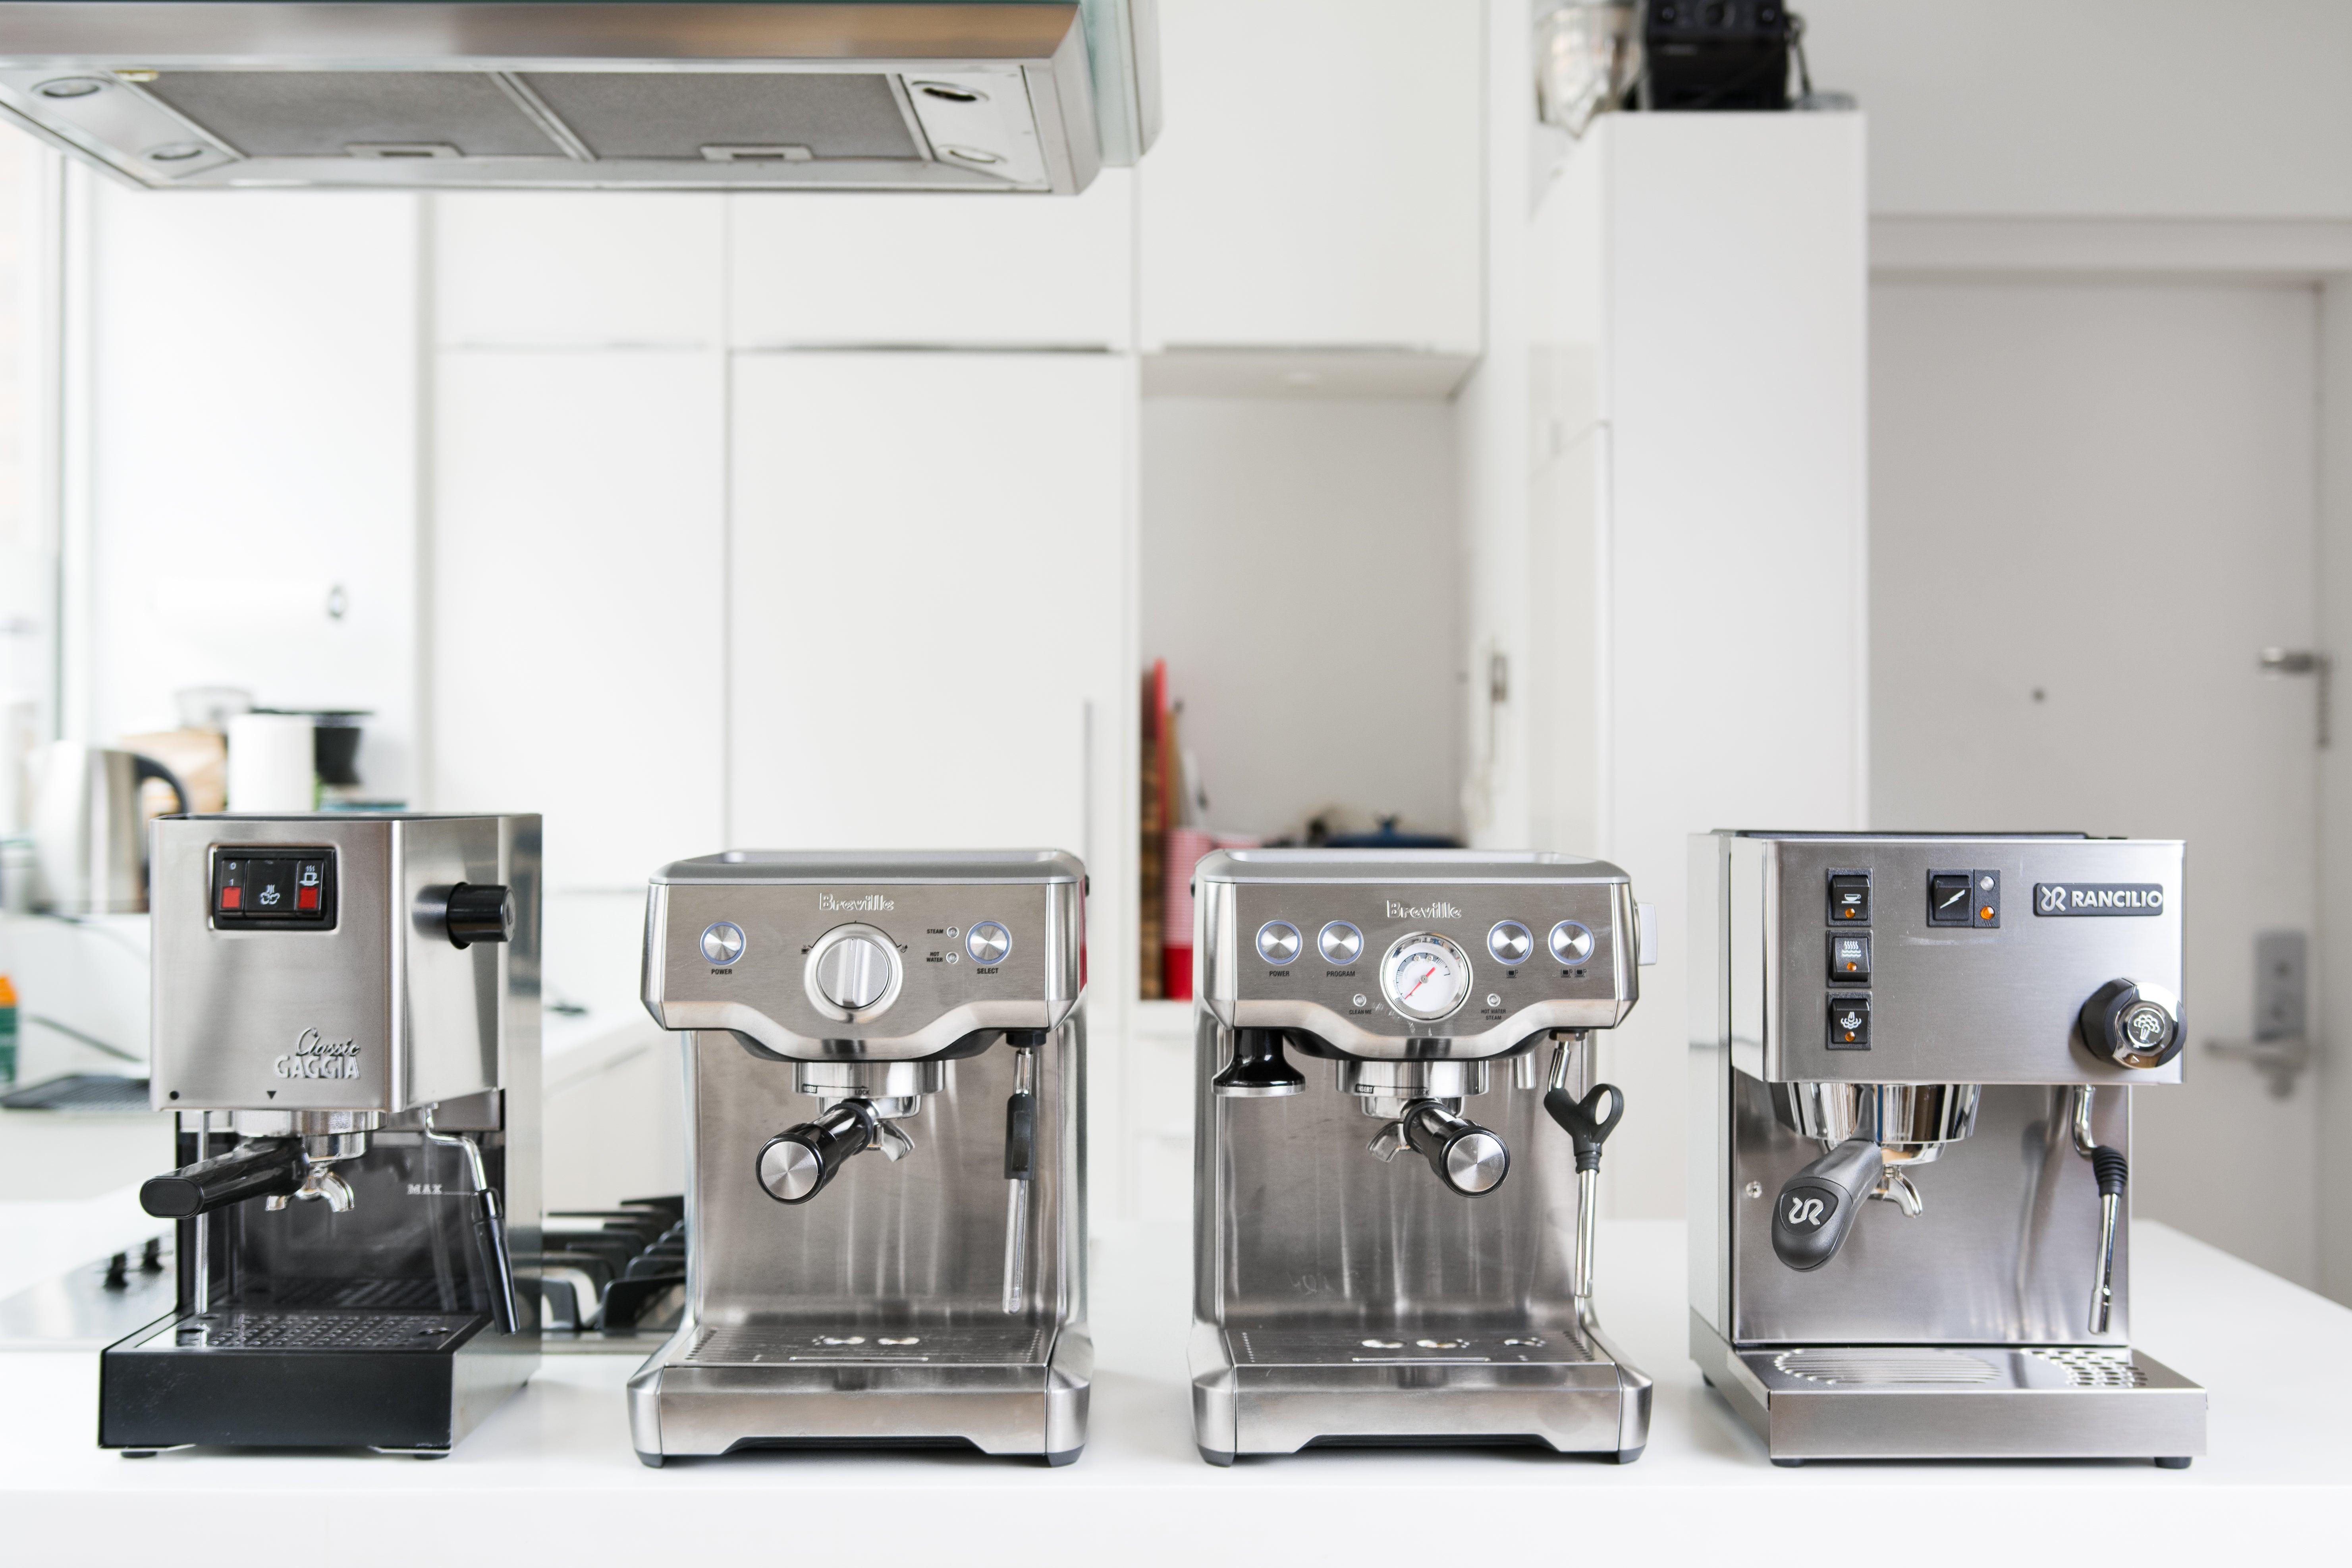 Assortment of espresso machines